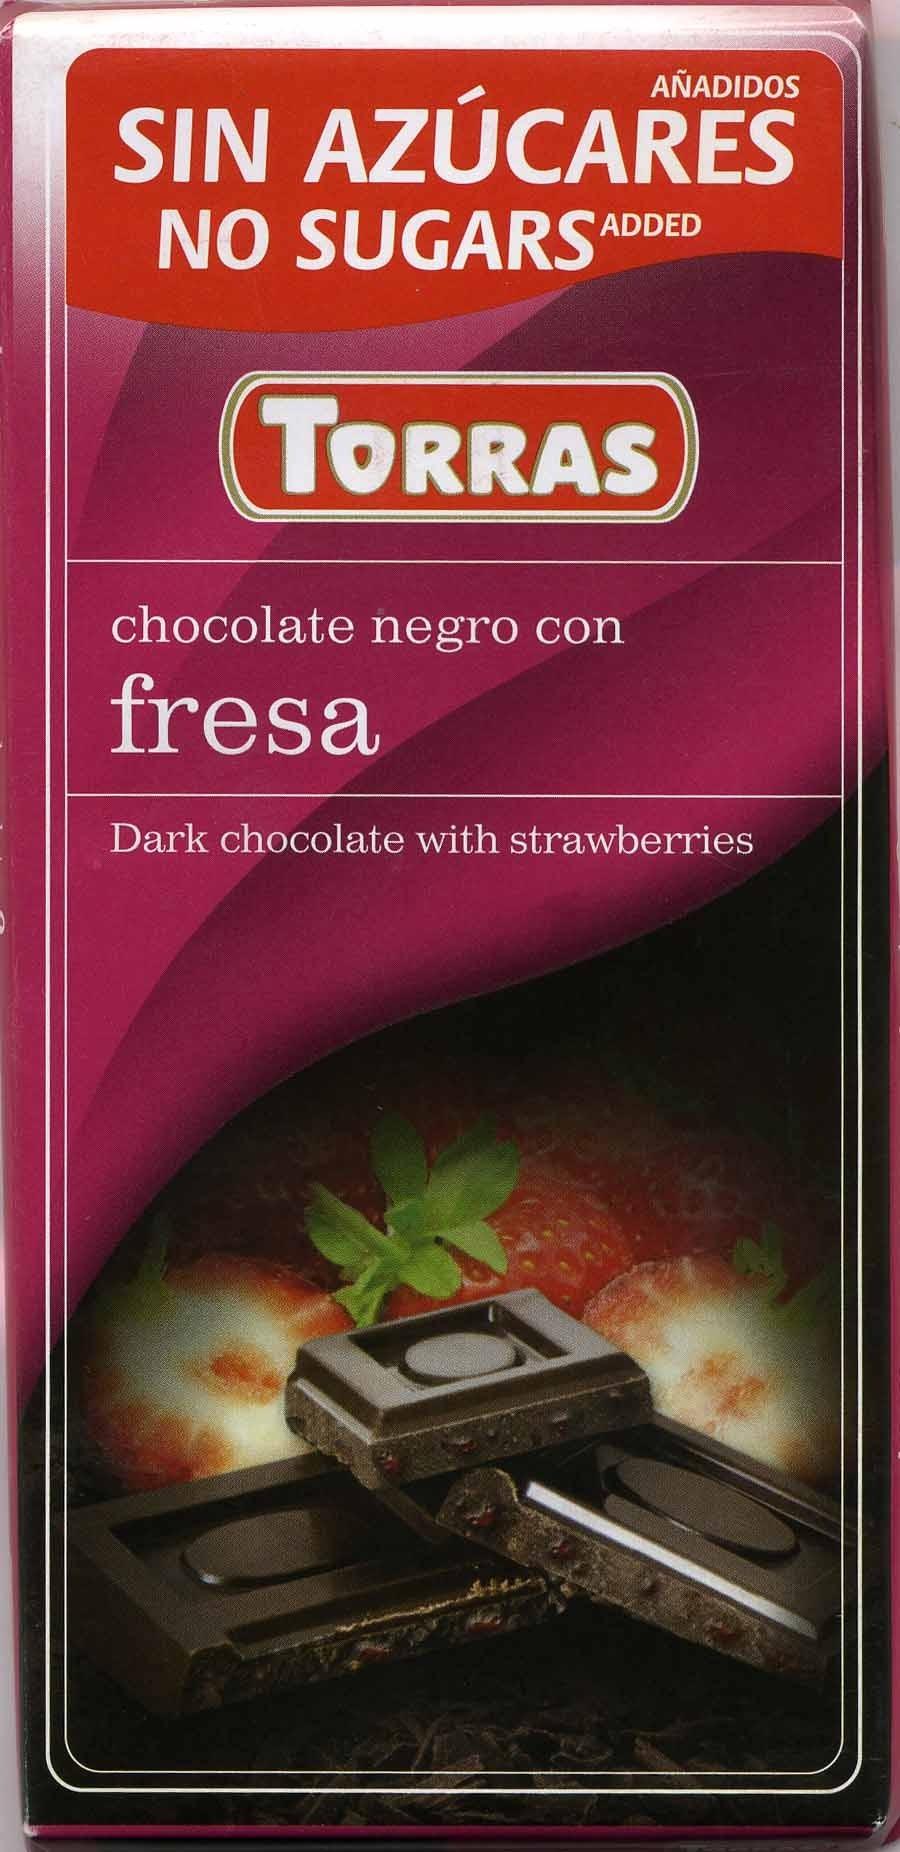 Tableta de chocolate negro edulcorado con fresa 50% cacao - Producto - es